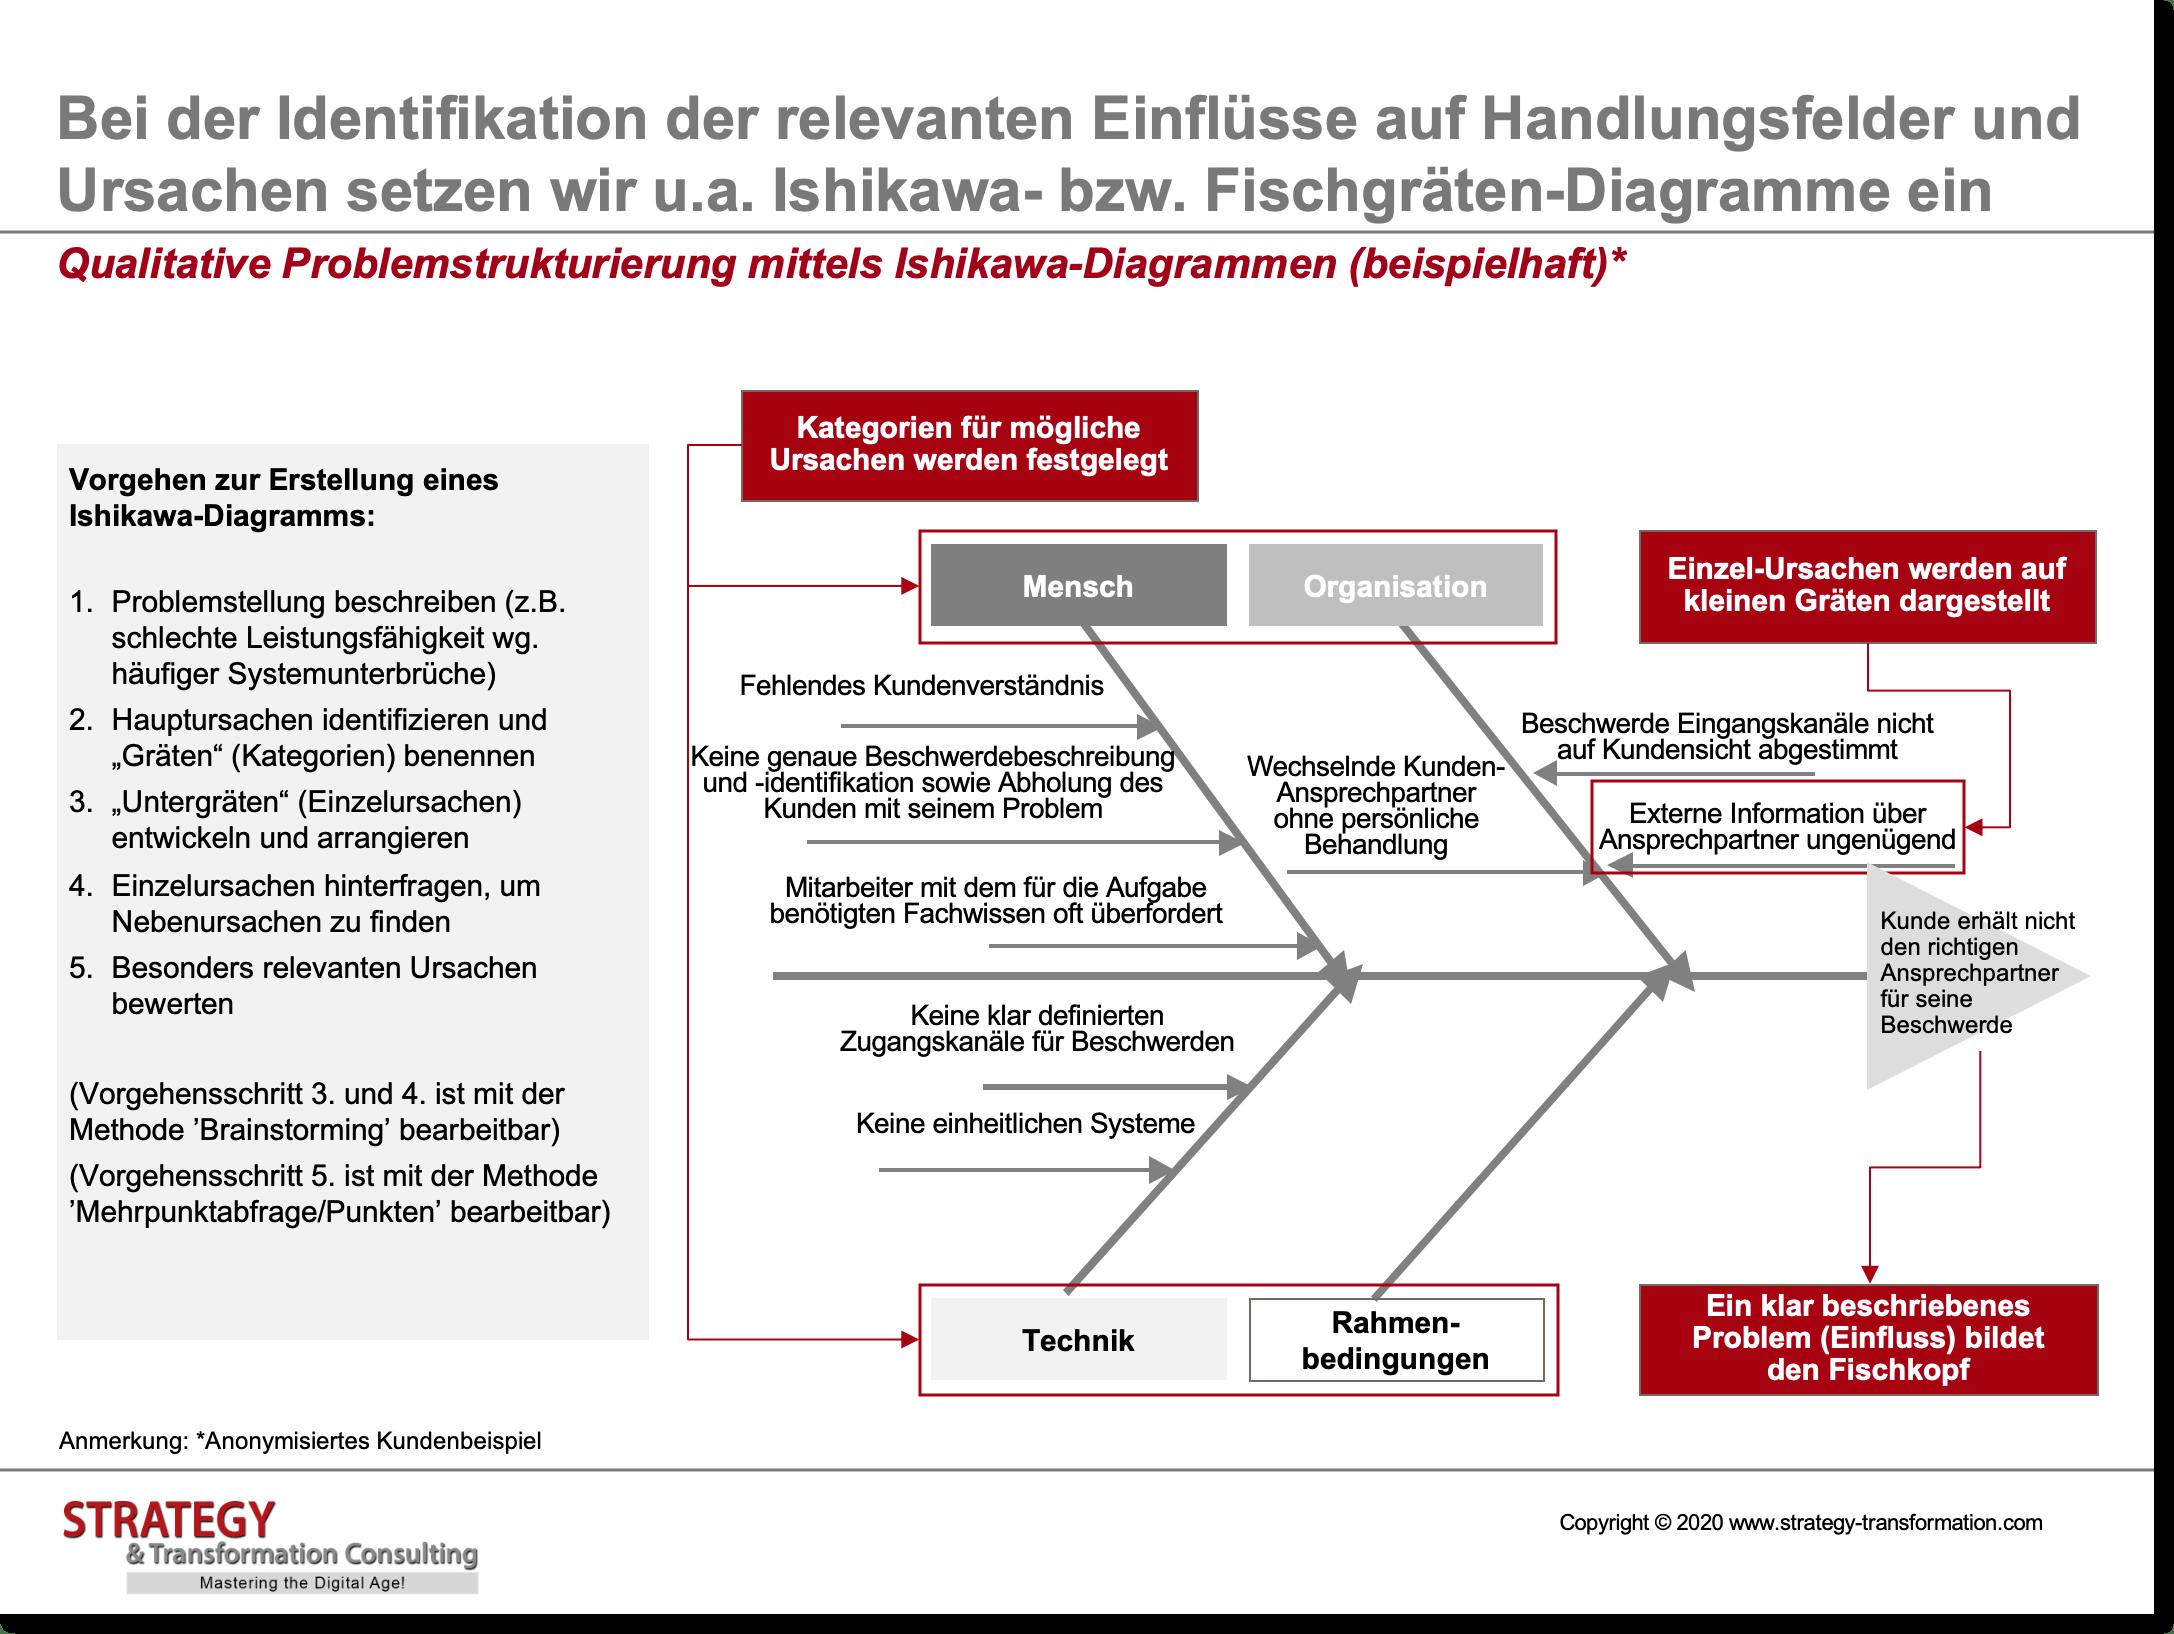 Qualitative Problemstrukturierung mittels Ishikawa-Diagrammen (beispielhaft)